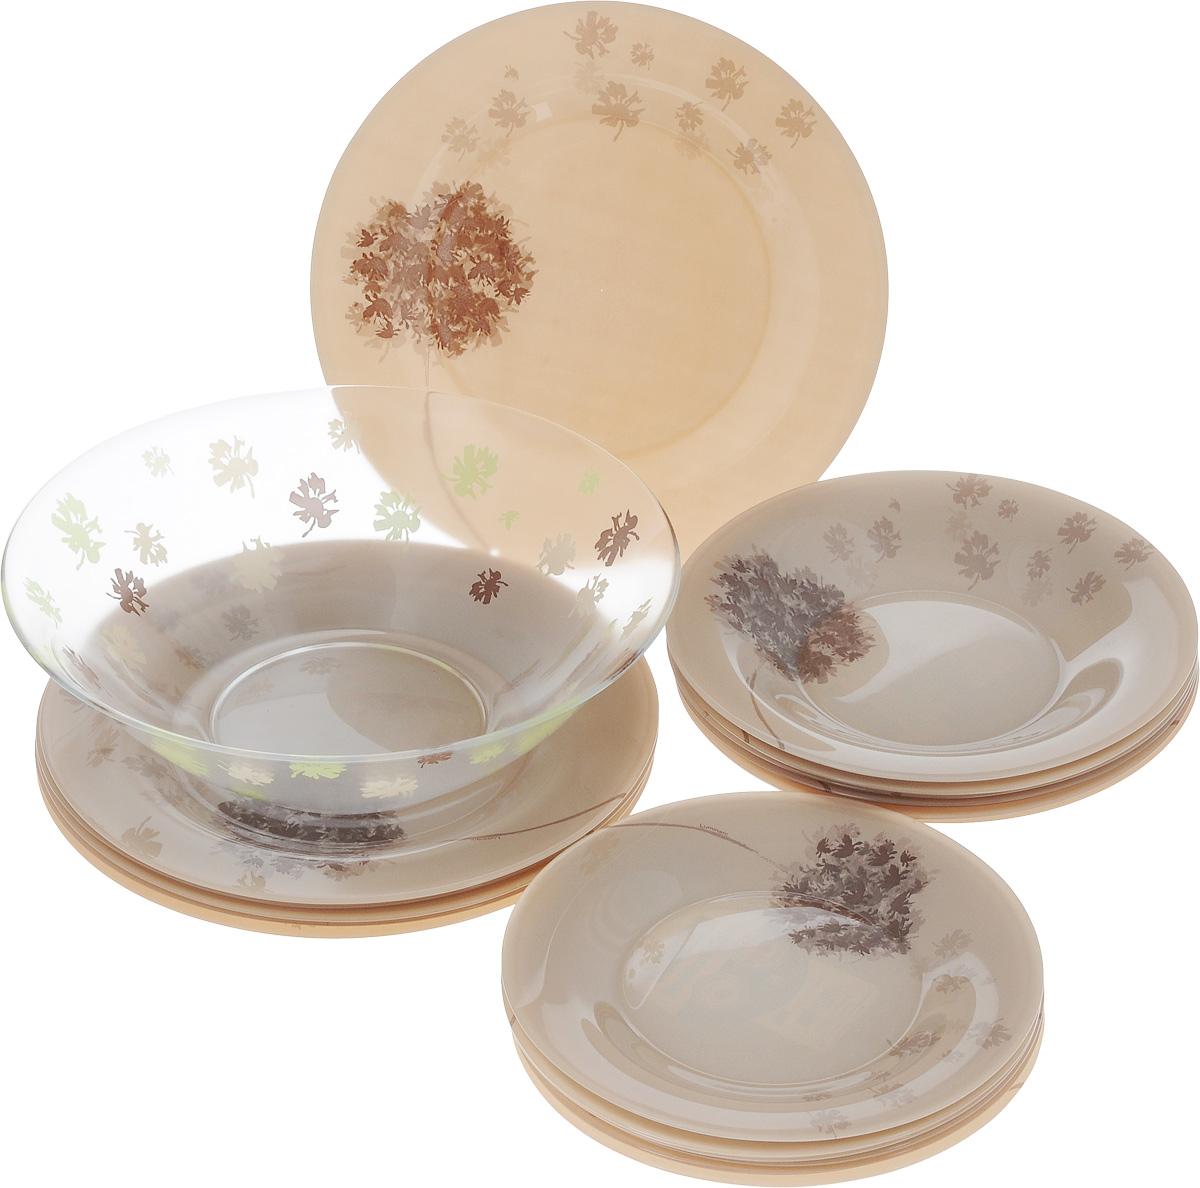 Набор столовой посуды Luminarc Stella Chocolat, 19 предметовJ1917Набор Luminarc Stella Chocolat состоит из 6 суповых тарелок, 6 обеденных тарелок, 6 десертных тарелок и салатницы. Изделия выполнены из ударопрочного стекла, имеют оригинальный дизайн и классическую круглую форму. Посуда отличается прочностью, гигиеничностью и долгим сроком службы, она устойчива к появлению царапин и резким перепадам температур. Такой набор прекрасно подойдет как для повседневного использования, так и для праздников или особенных случаев. Набор столовой посуды Luminarc Stella Chocolat - это не только яркий и полезный подарок для родных и близких, а также великолепное дизайнерское решение для вашей кухни или столовой. Можно мыть в посудомоечной машине и использовать в микроволновой печи. Диаметр суповой тарелки: 21,5 см. Высота суповой тарелки: 3,2 см. Диаметр обеденной тарелки: 25 см. Высота обеденной тарелки: 1,8 см. Диаметр десертной тарелки: 19 см. Высота десертной...